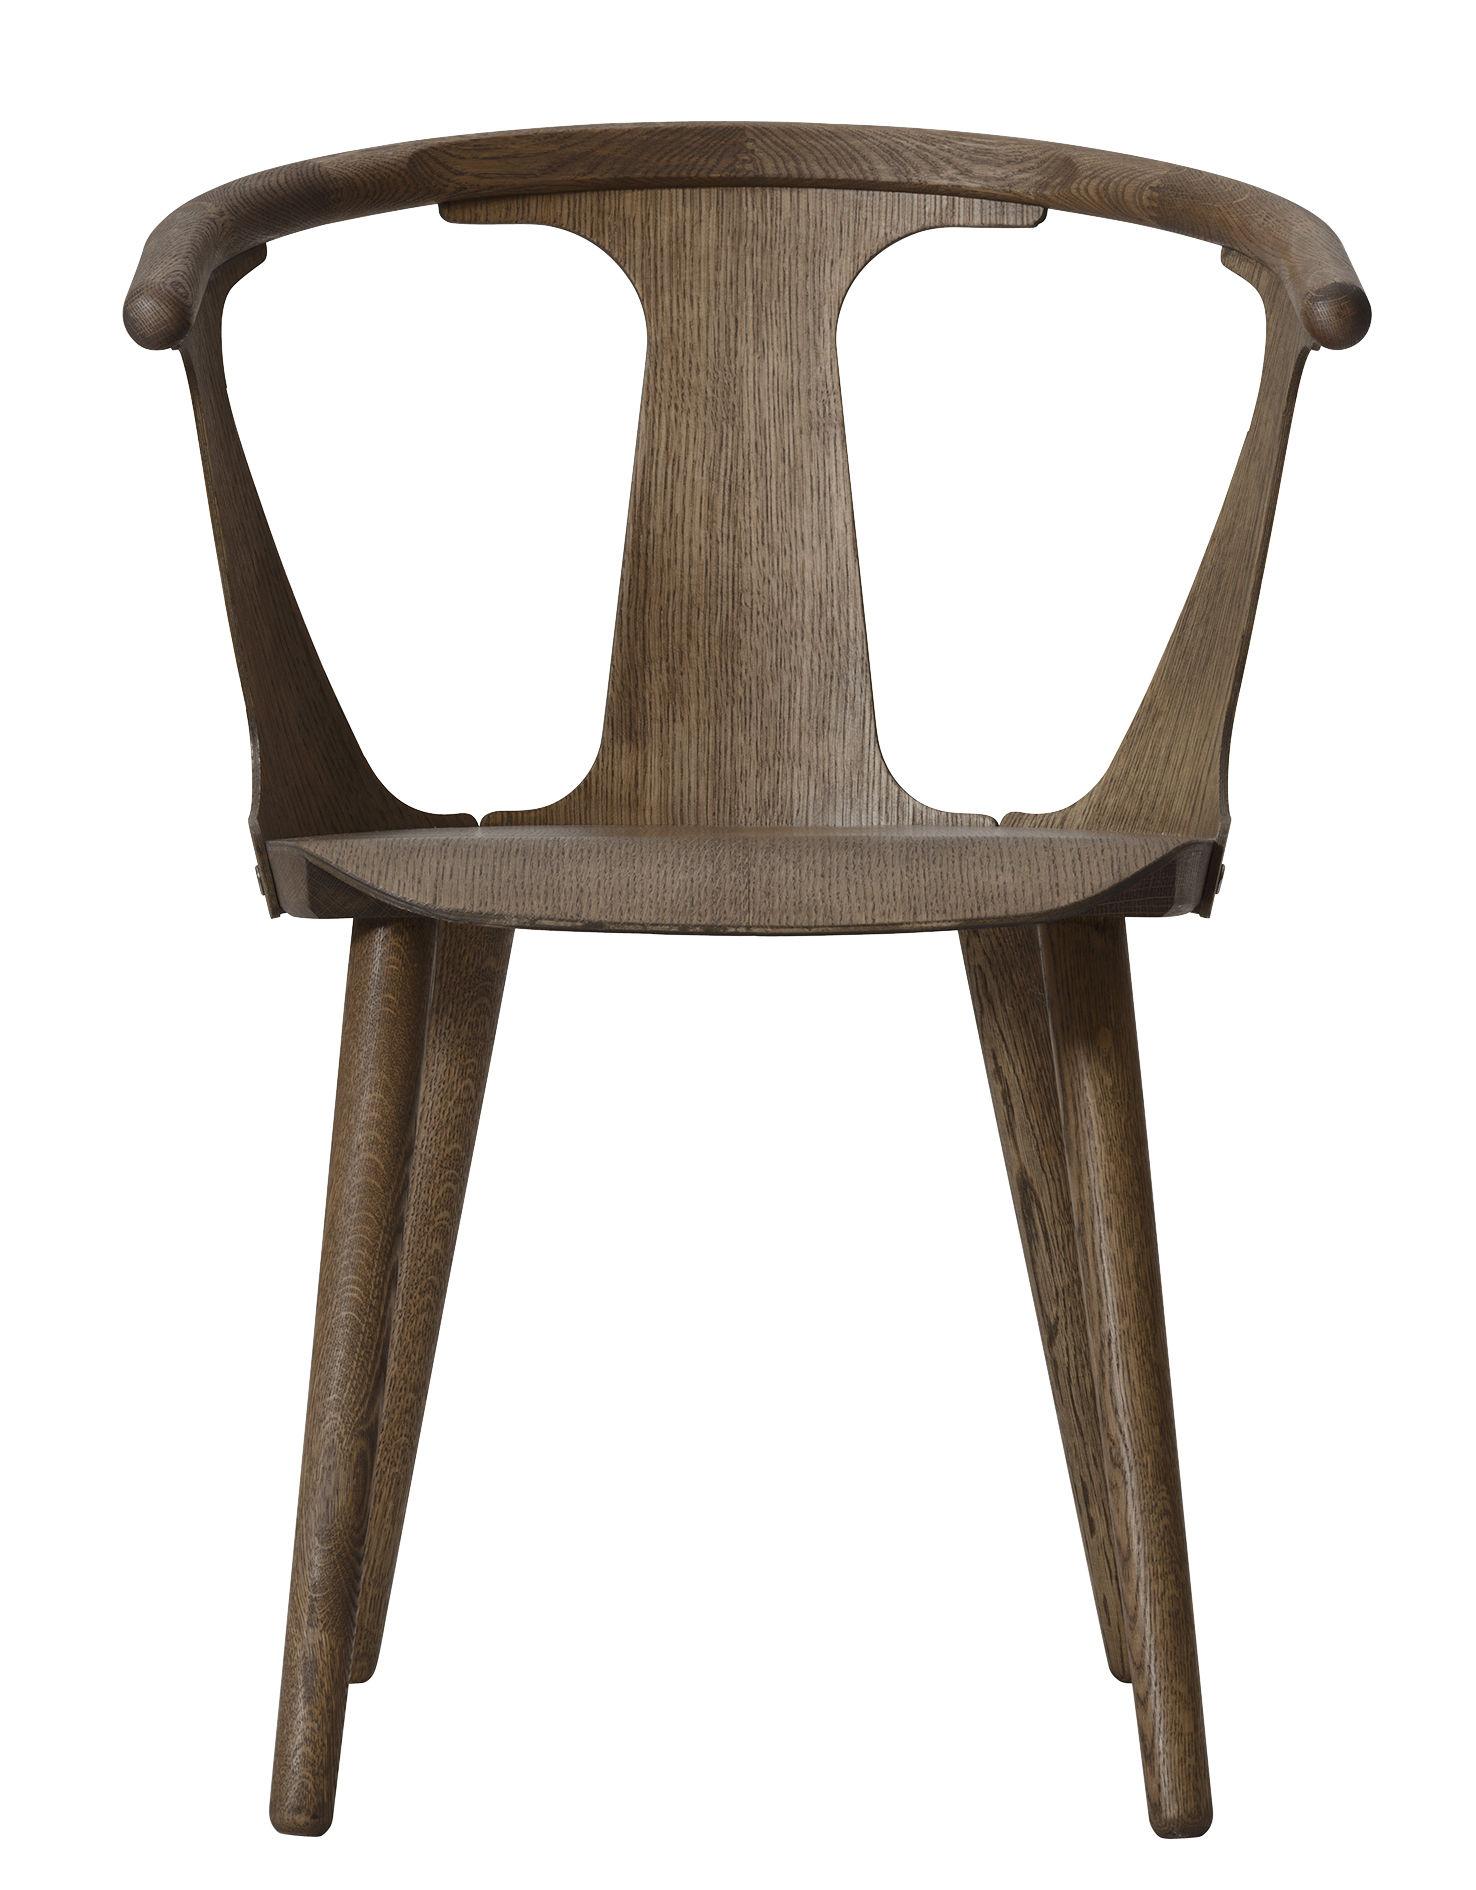 Mobilier - Chaises, fauteuils de salle à manger - Fauteuil In Between / Chêne - &tradition - Chêne fumé - Chêne huilé fumé